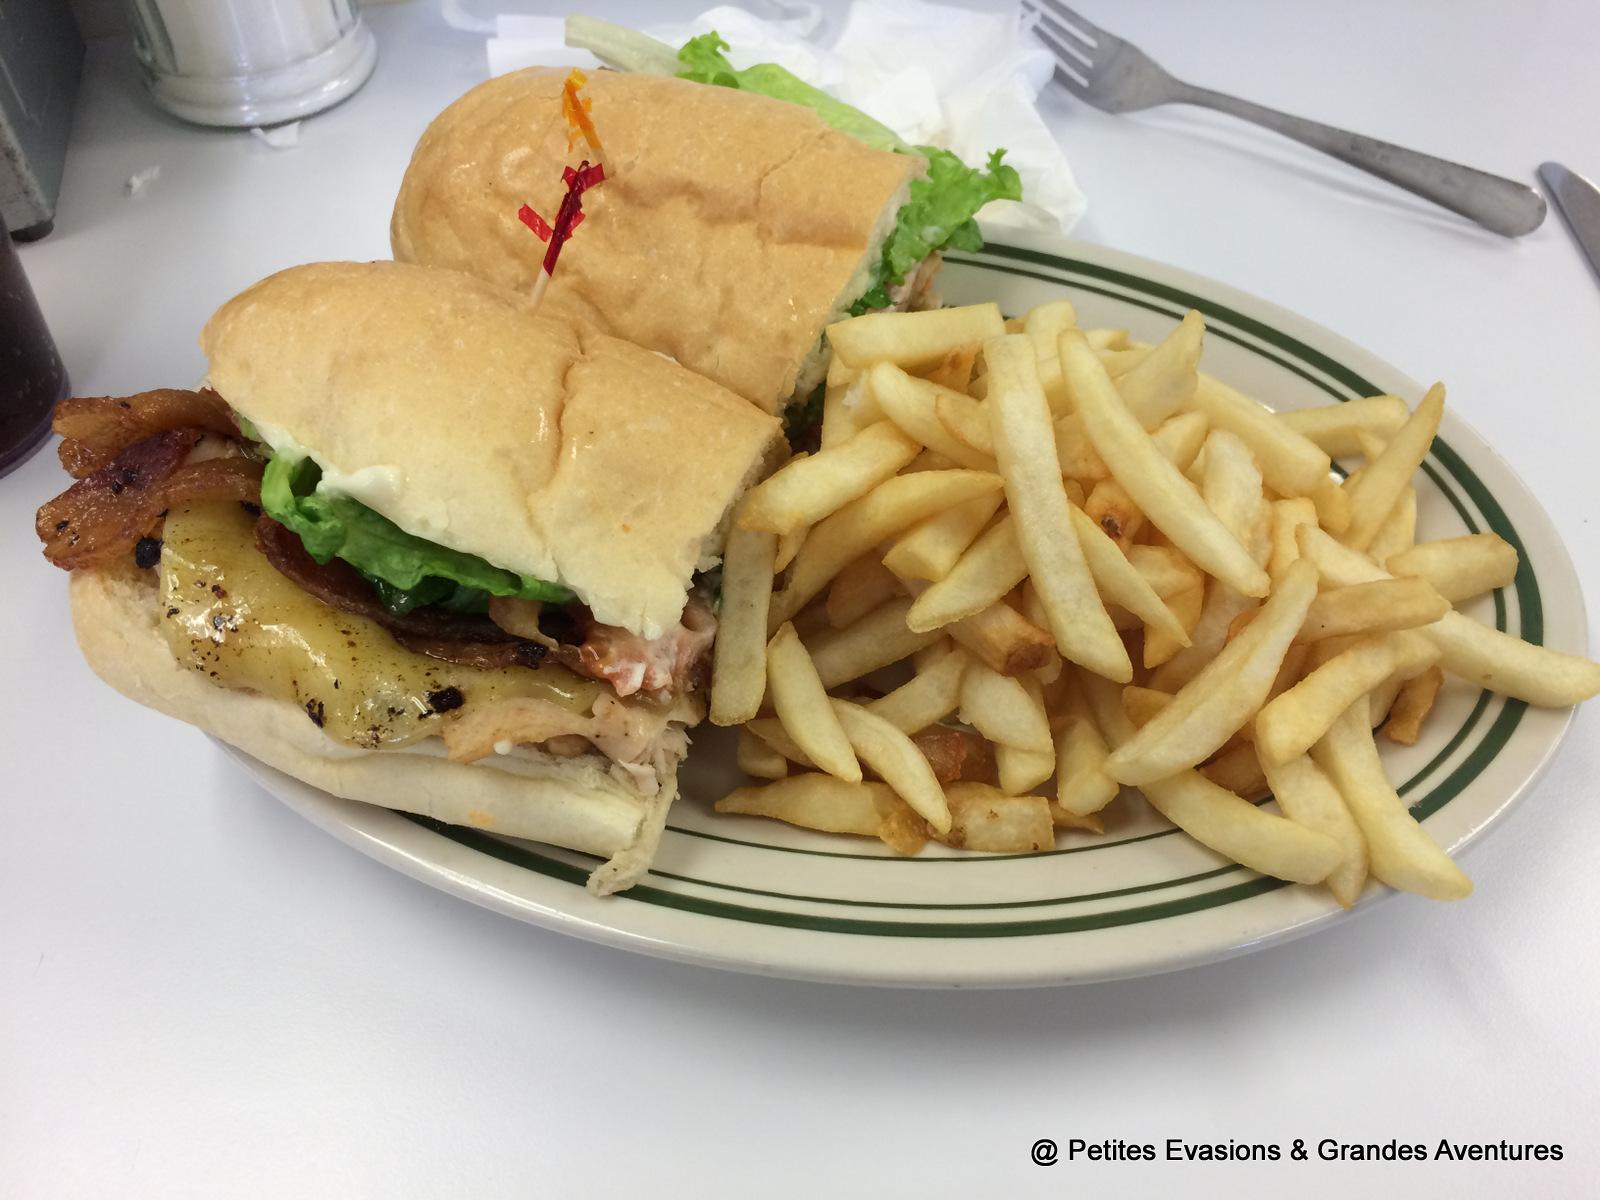 Un sandwich avec des frites